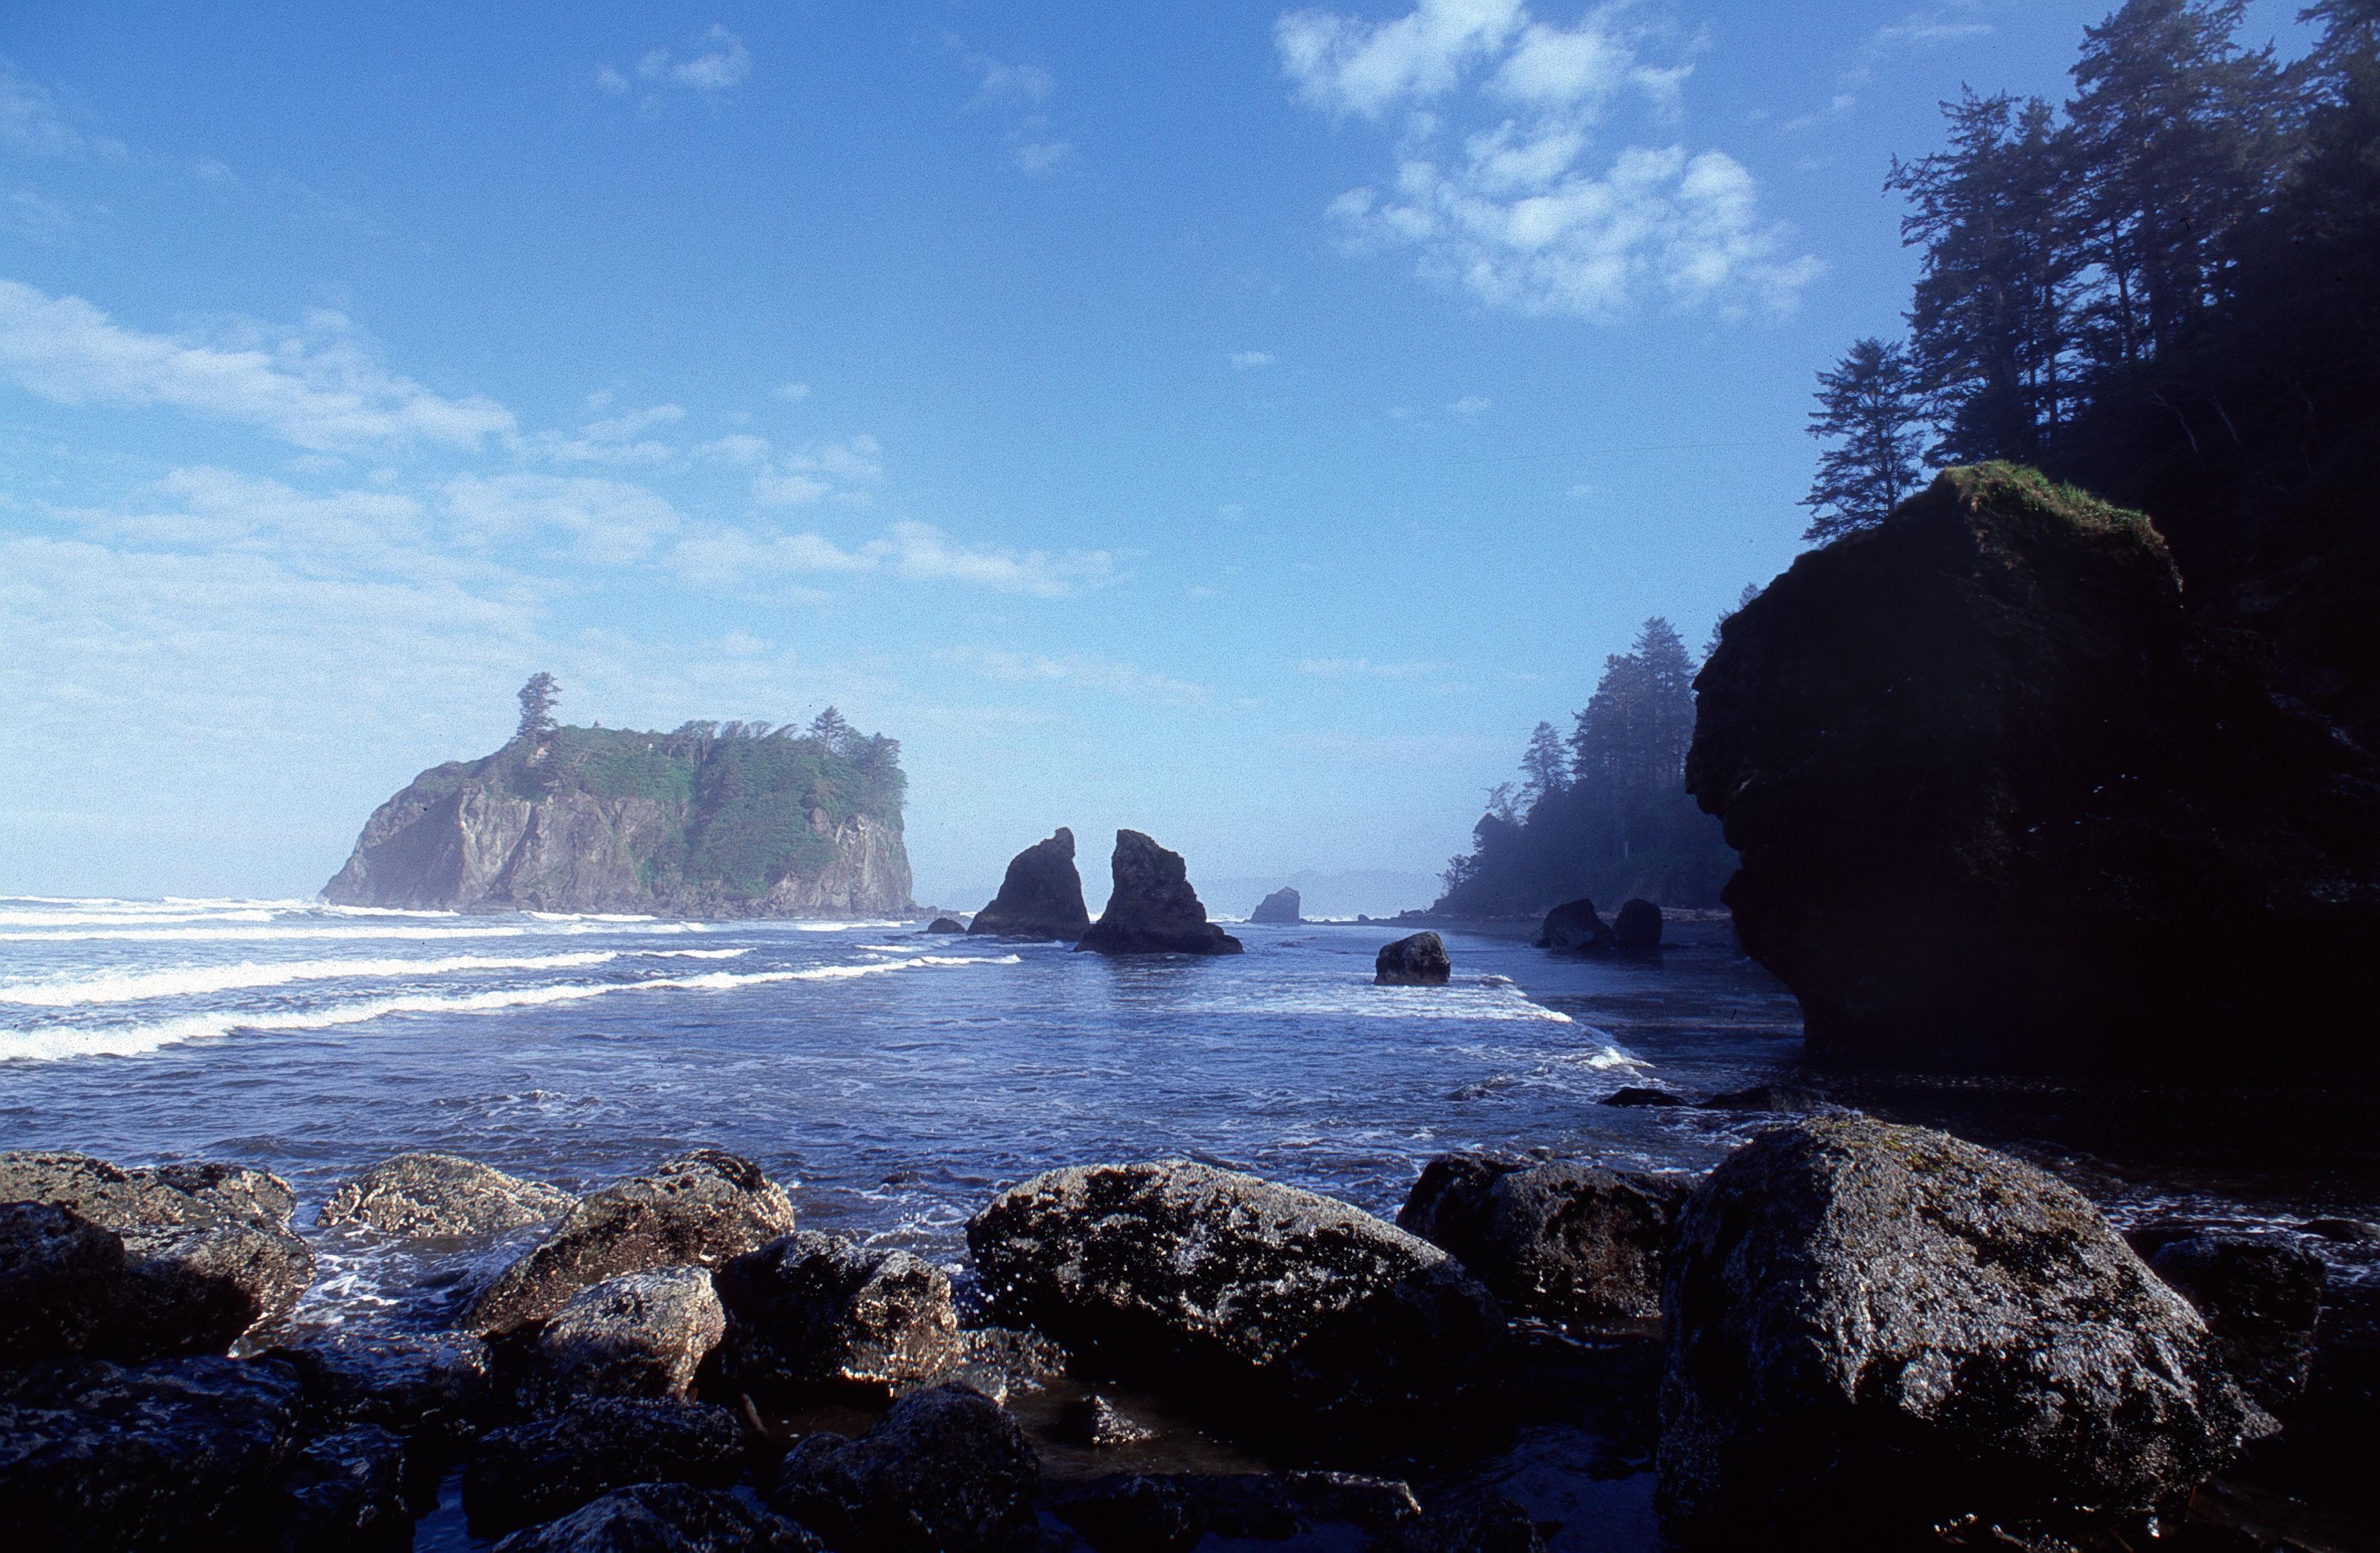 Sea Stacks Oregon Coast u2013 Graphic-in-site